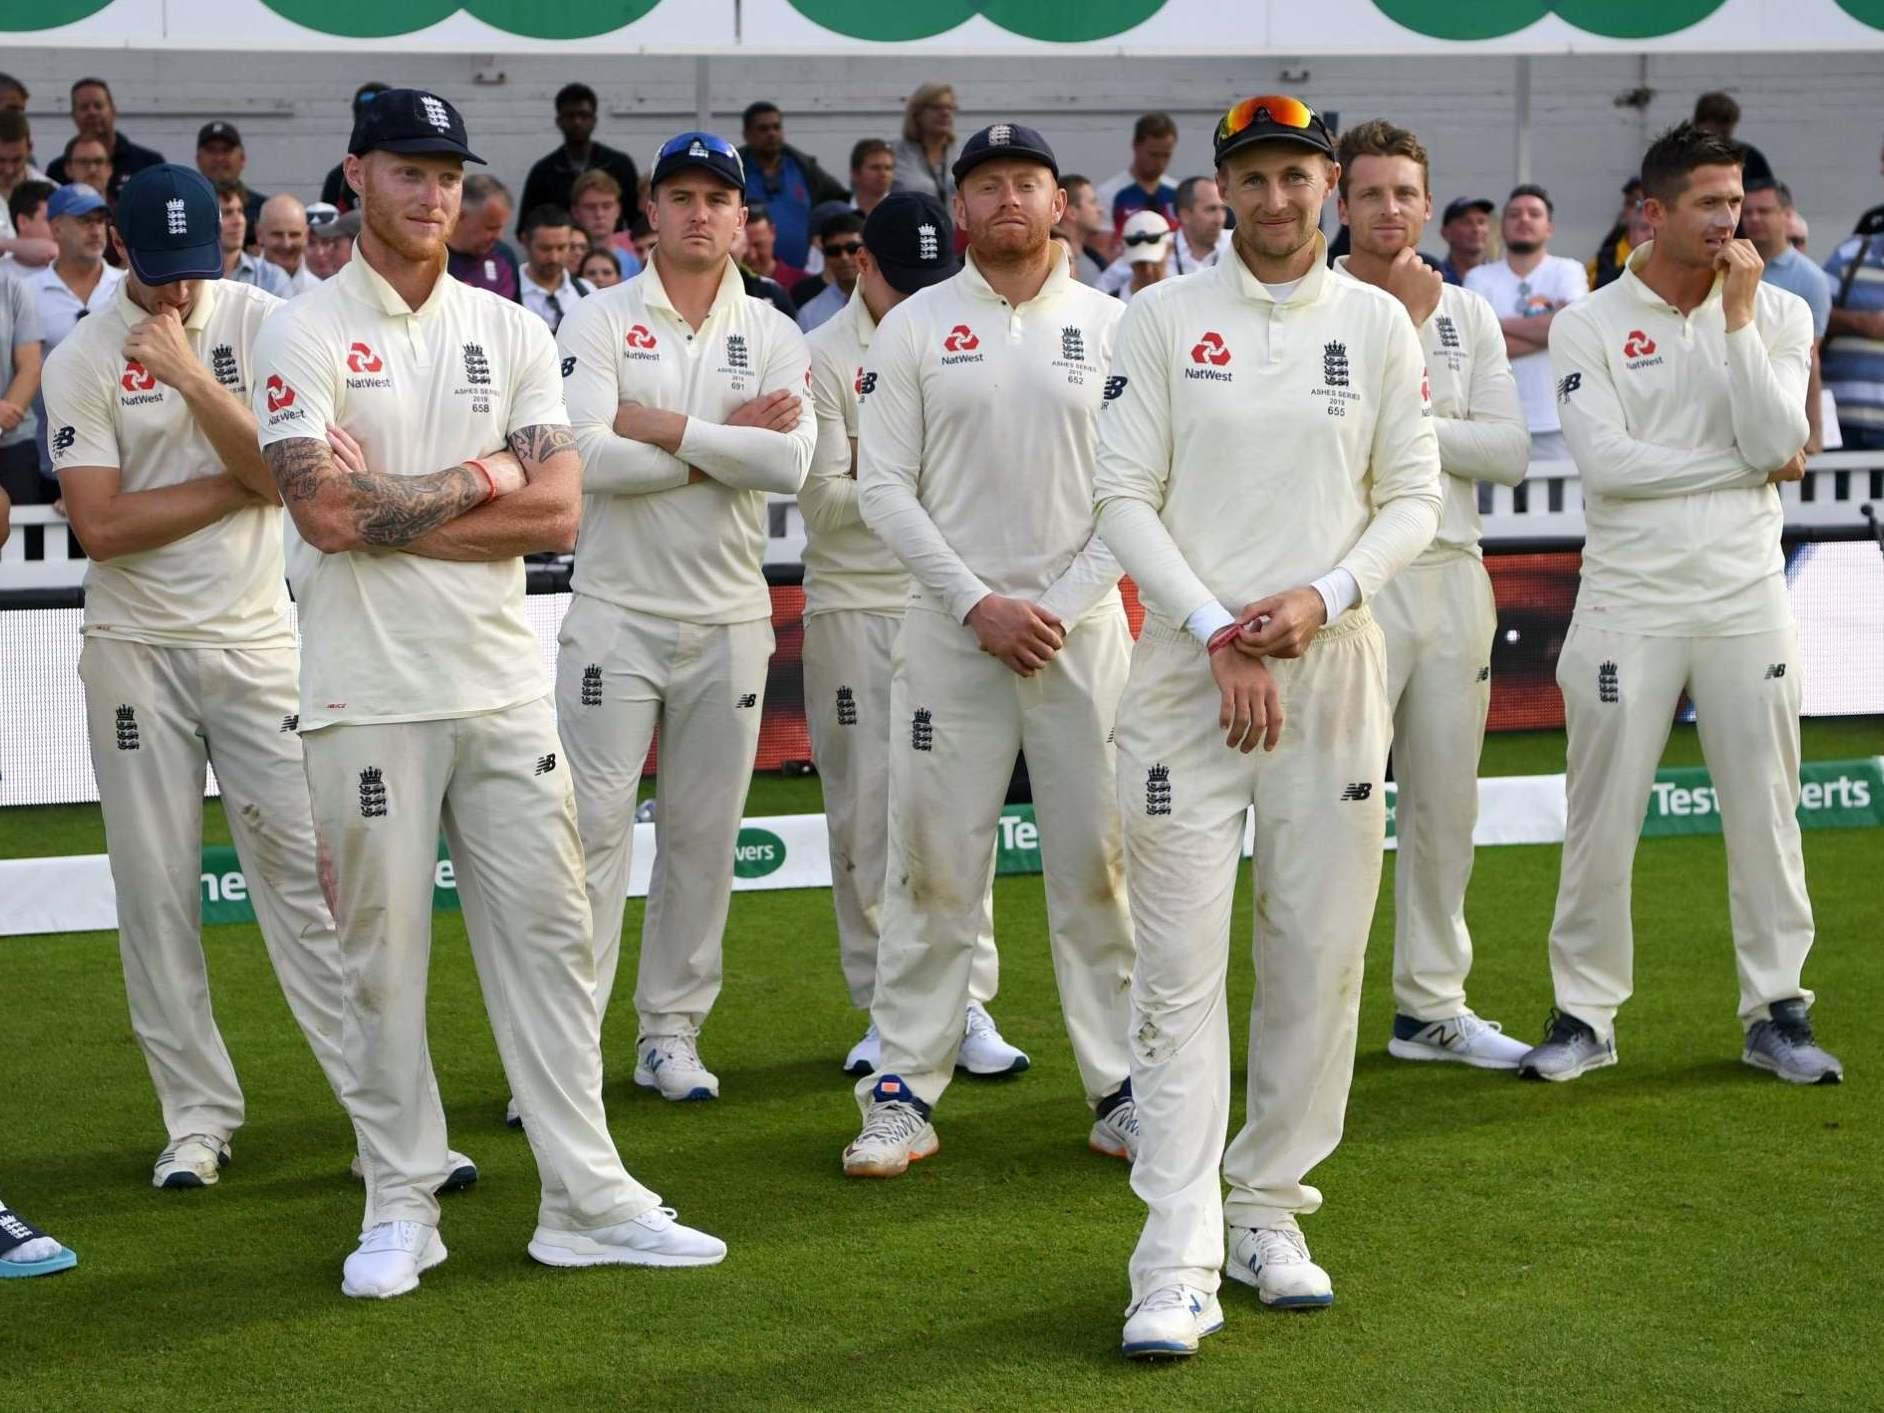 भारत की इंग्लैंड सीरीज से पहले स्टार क्रिकेटर नए कोविड स्ट्रेन से हुआ संक्रमित, मचा हडकंप 3